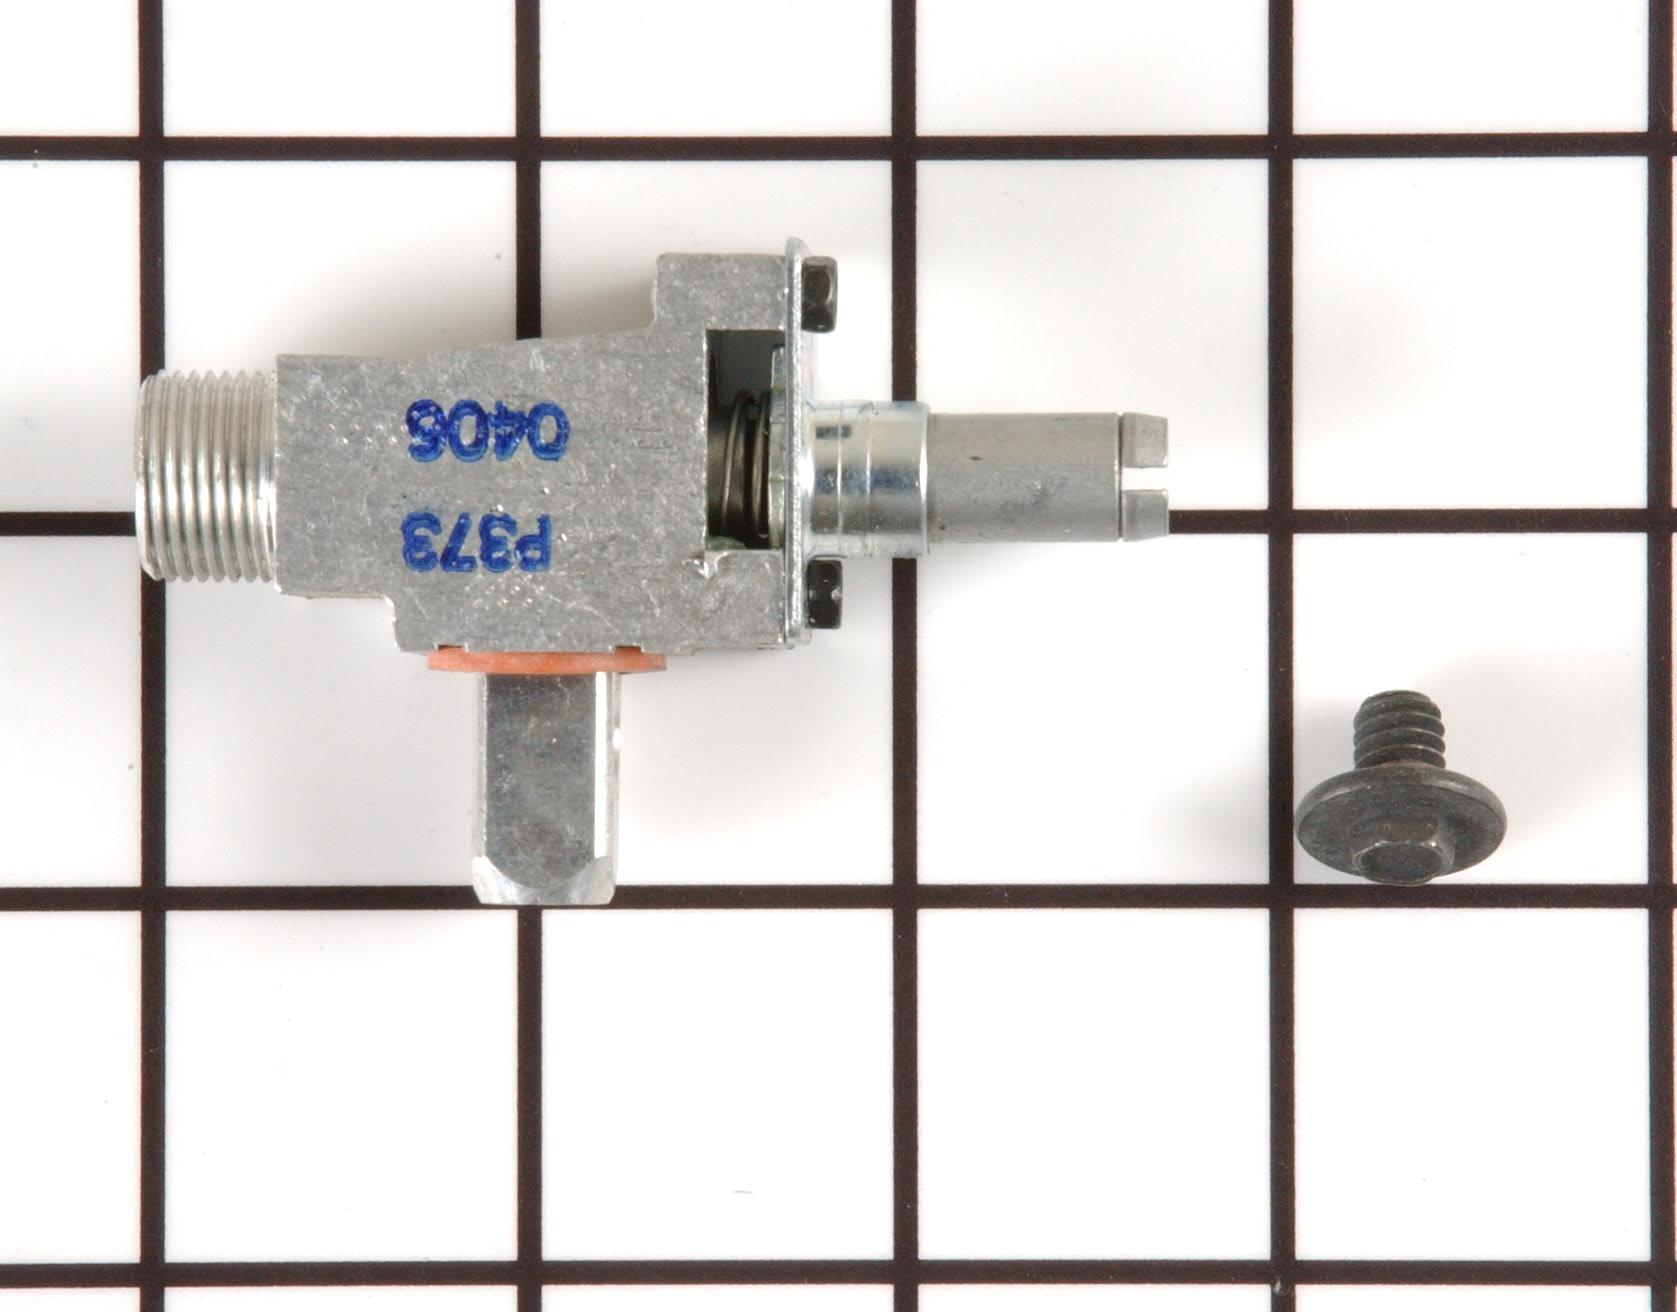 12002280 Hardwick Range Stove Oven Part -Gas Shut-Off Valve